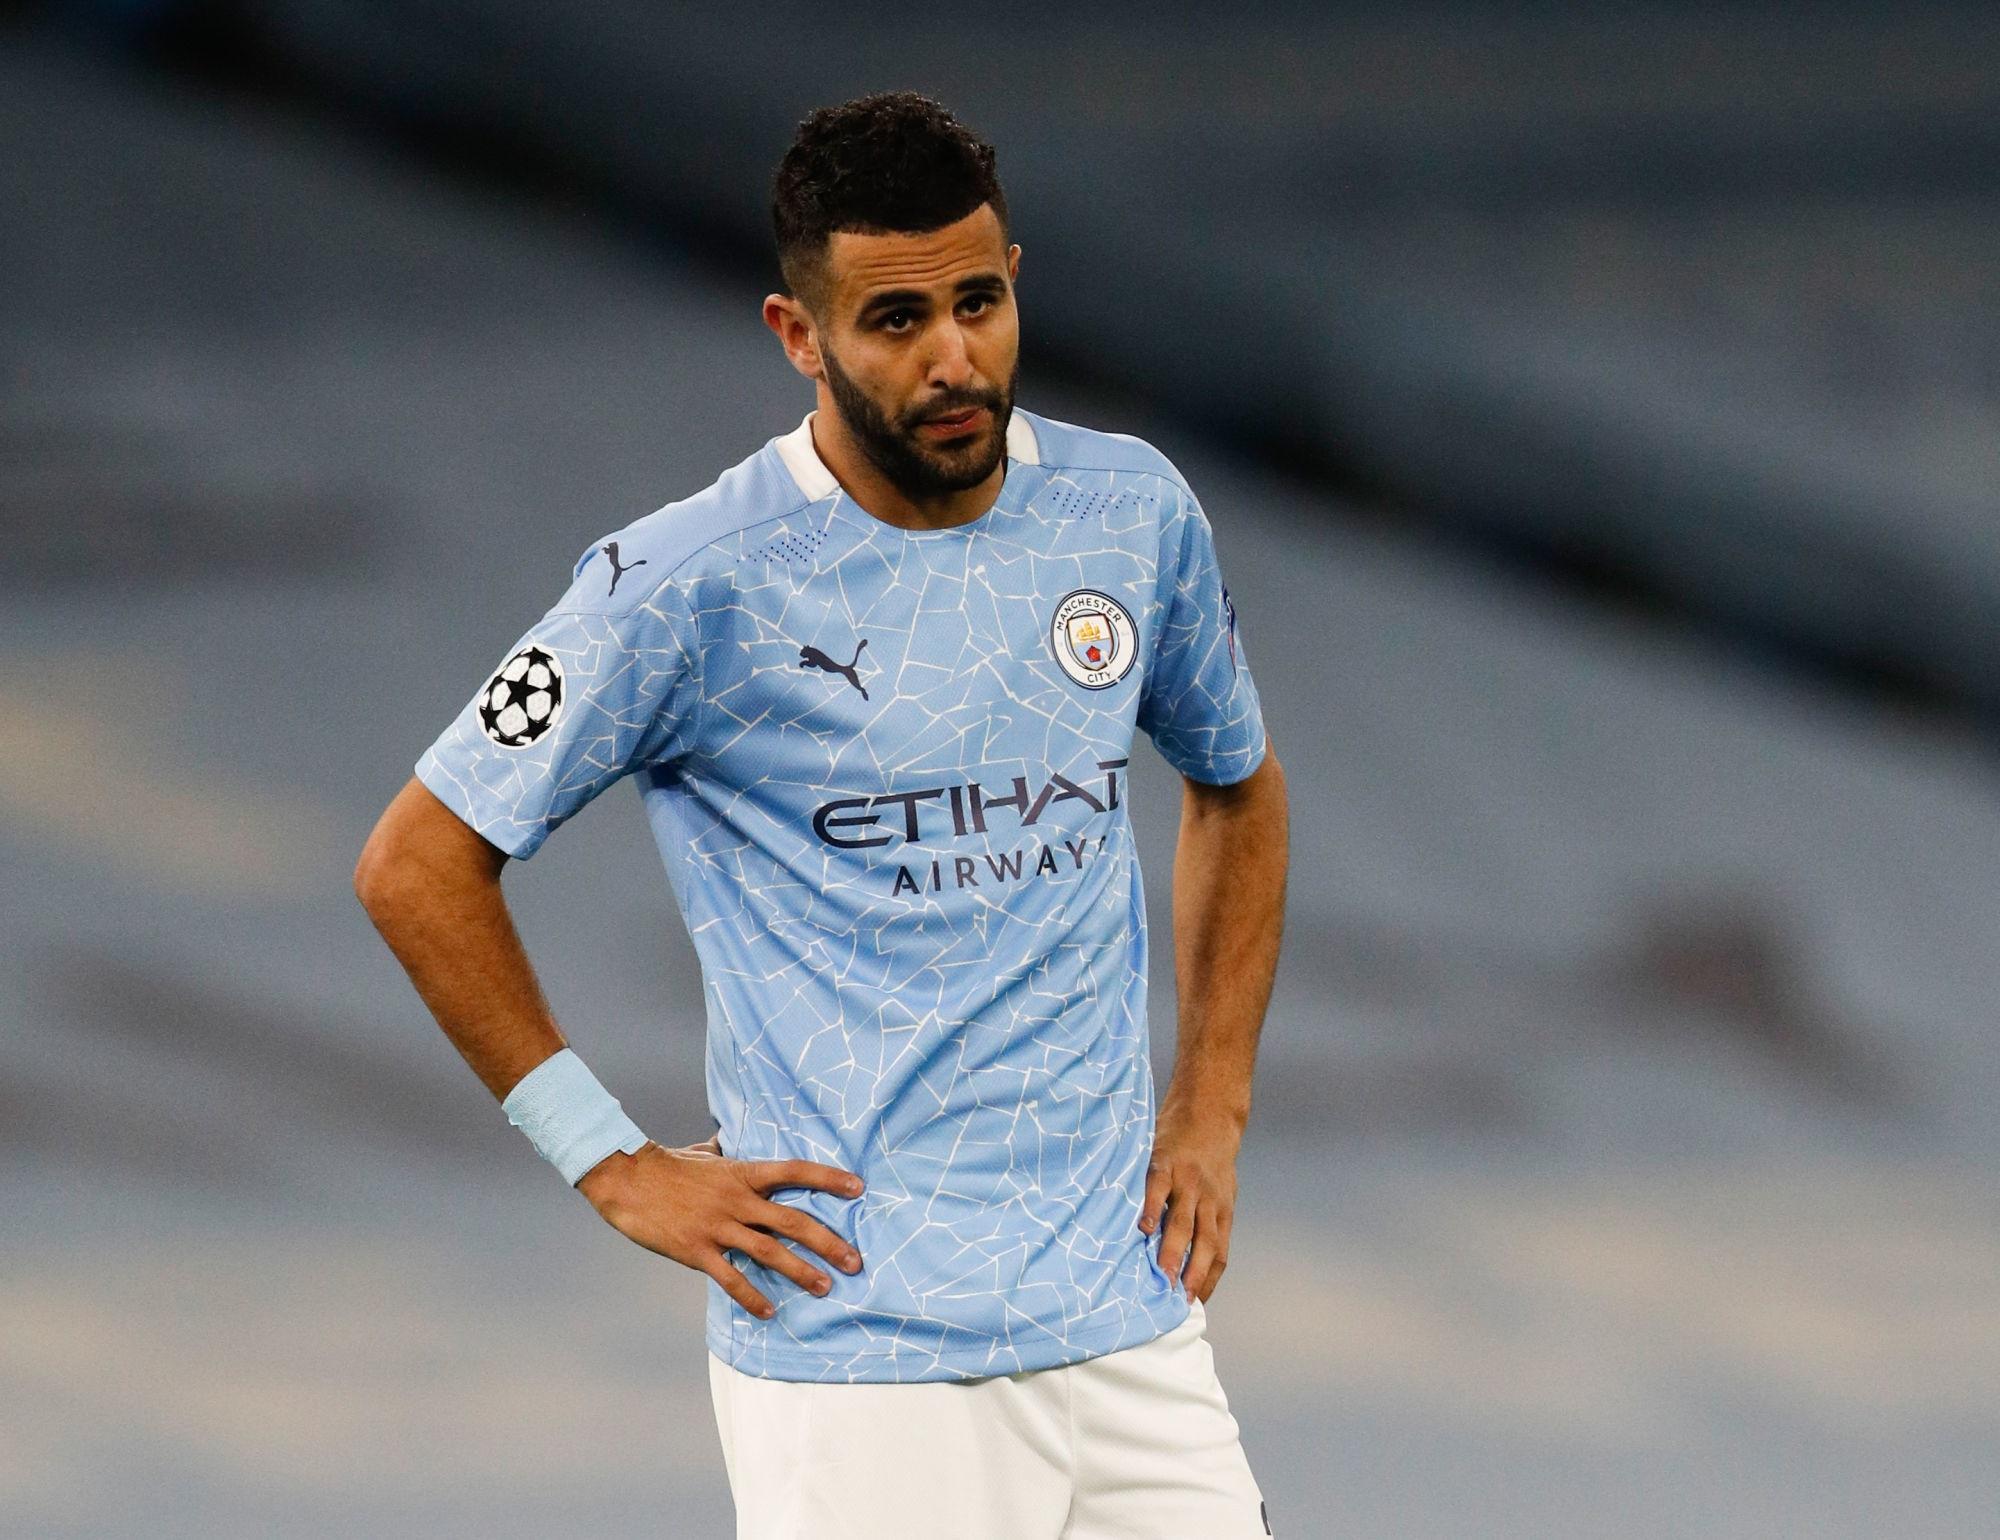 Angleterre : Un match amical annulé pour le Manchester City de Mahrez - Algérie